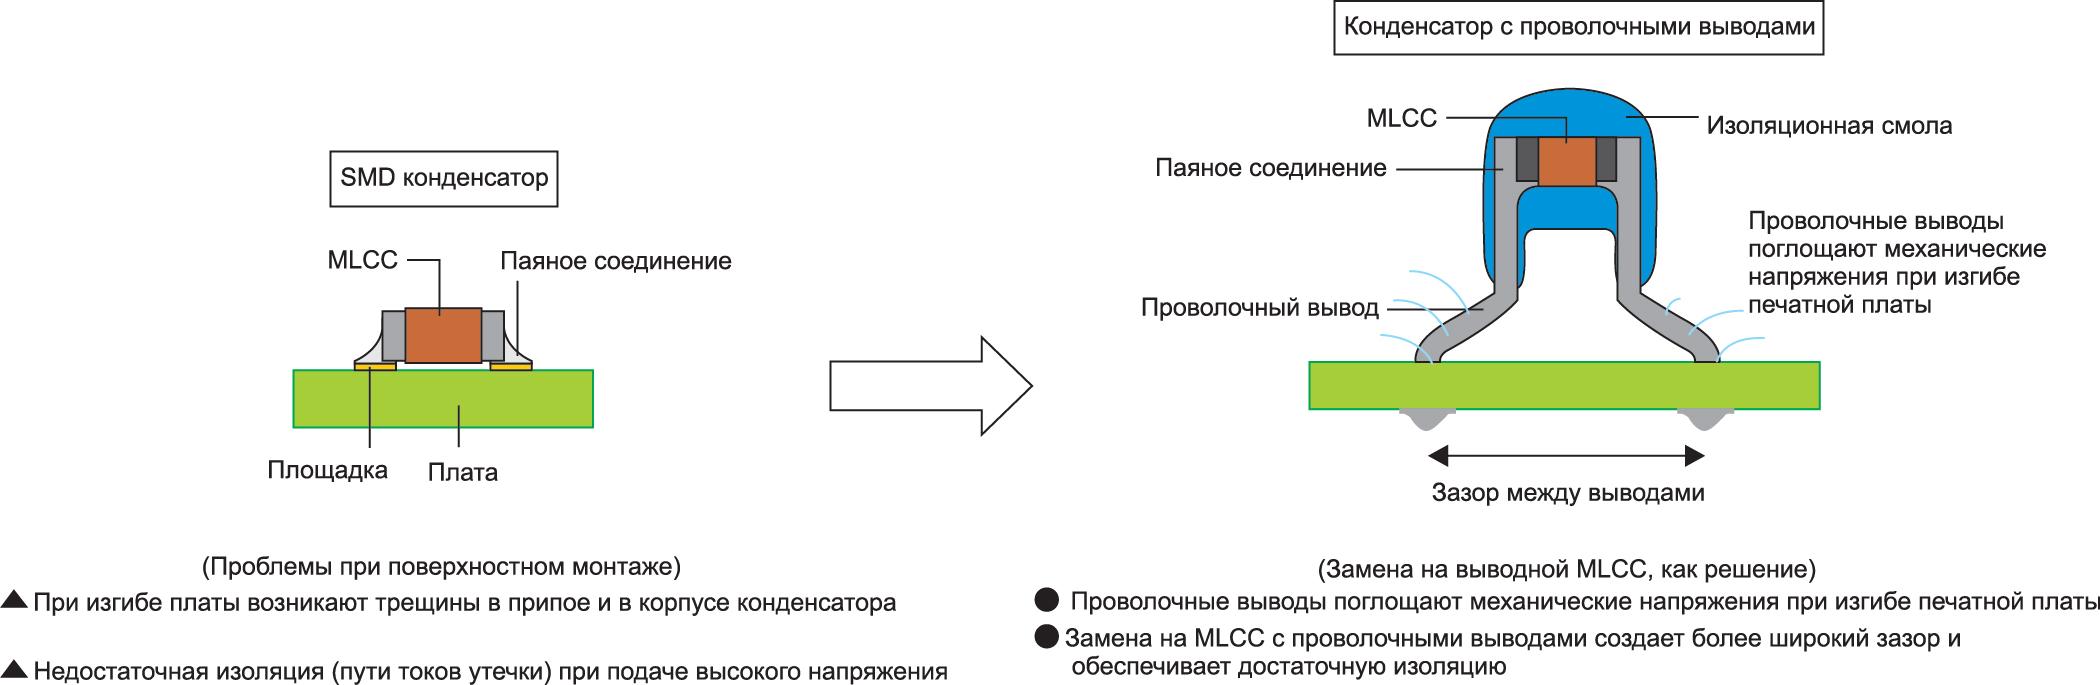 MLCC выводного исполнения компании EPCOS позволяют уменьшить механические напряжения на конденсаторе и обеспечивают повышенную электрическую прочность изоляции